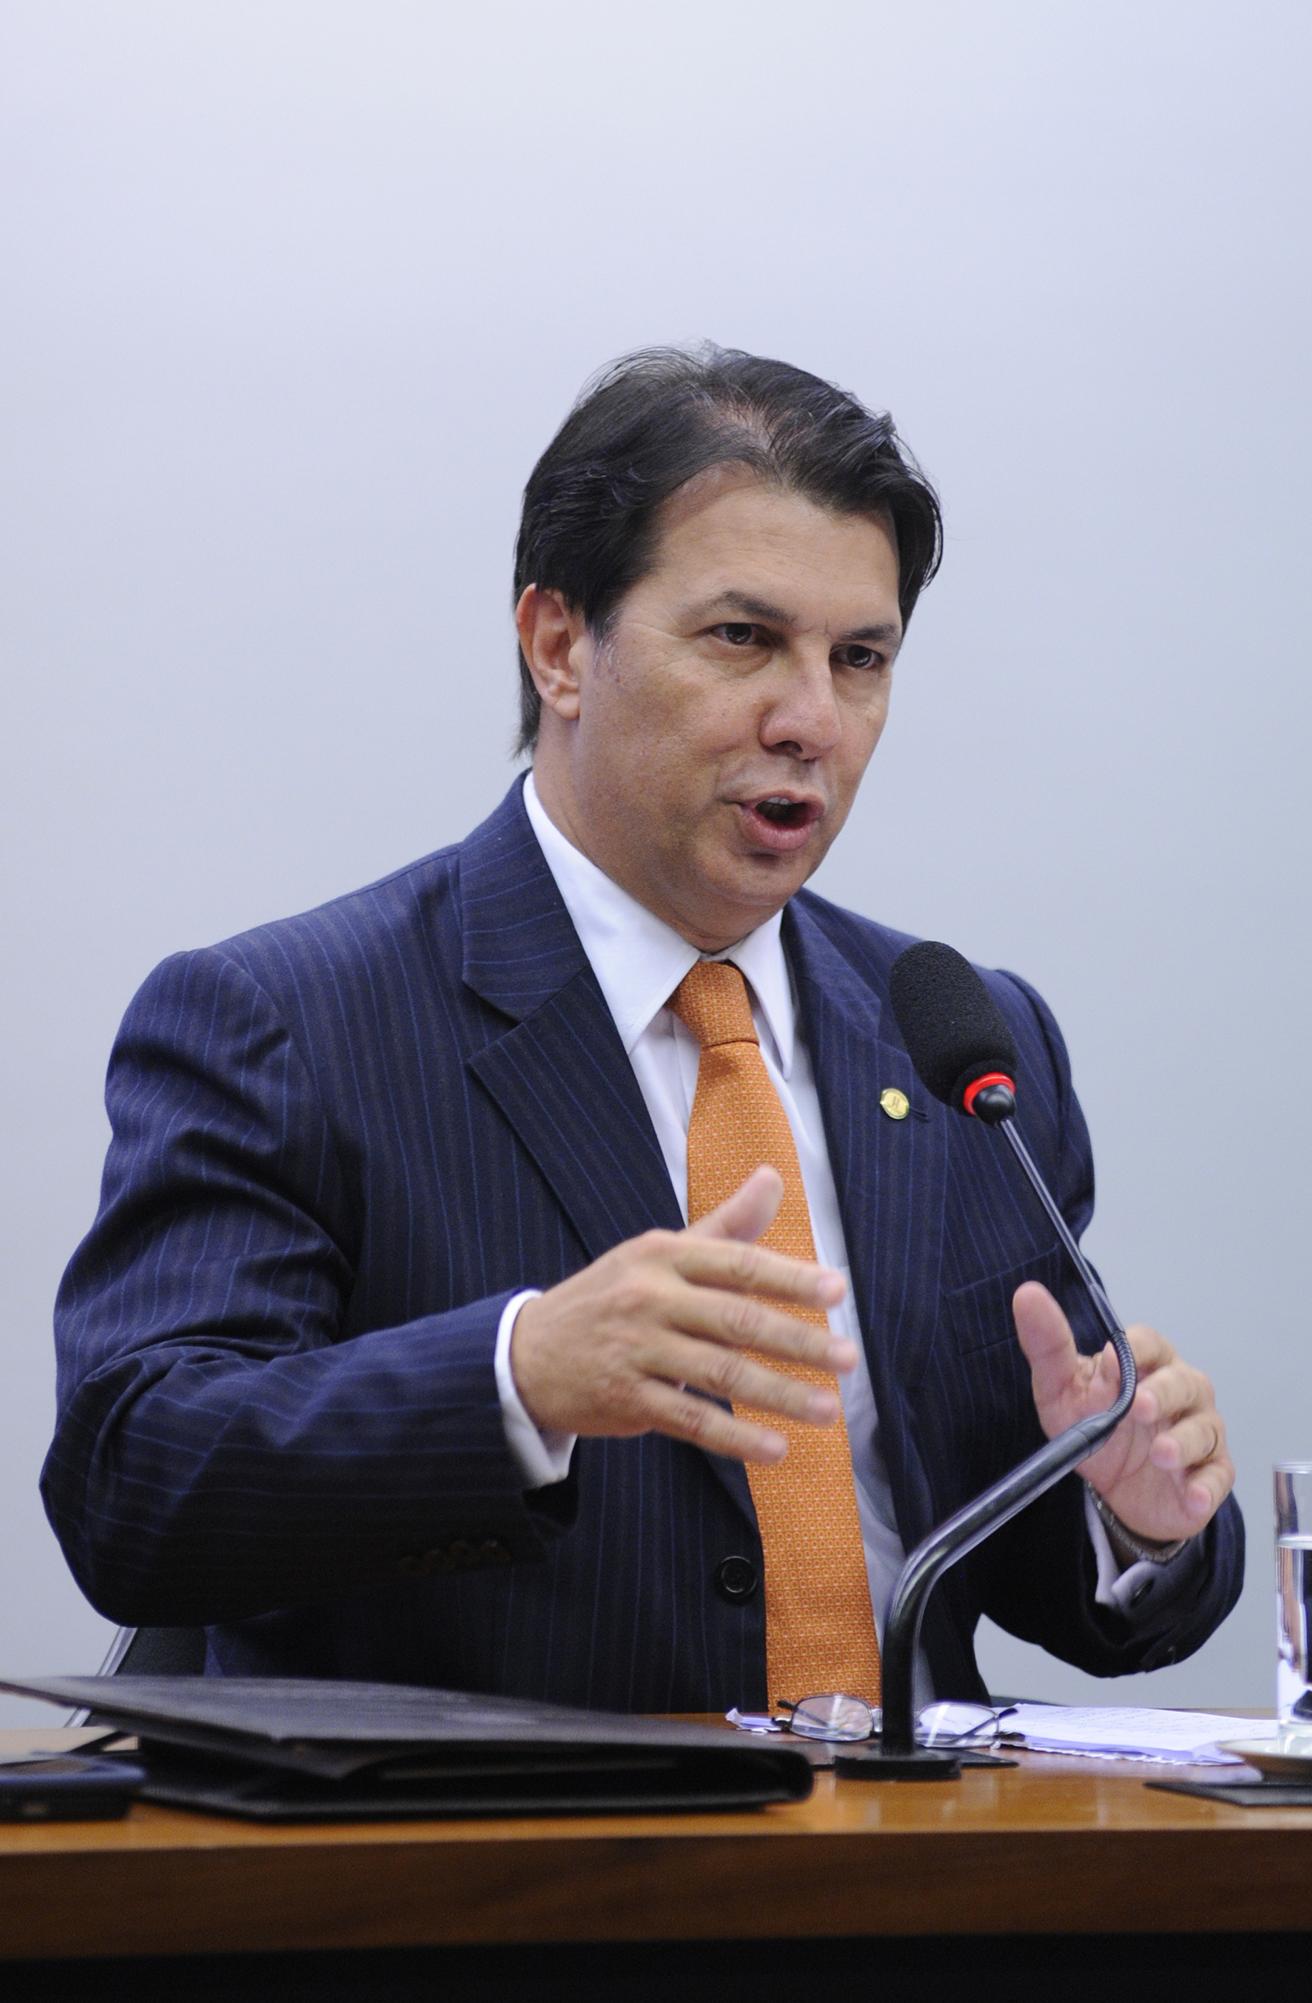 Audiência pública sobre aosentadoria por incapacidade, aposentadoria da pessoa com deficiência e BPC. Dep. Arthur Oliveira Maia (PPS-BA)